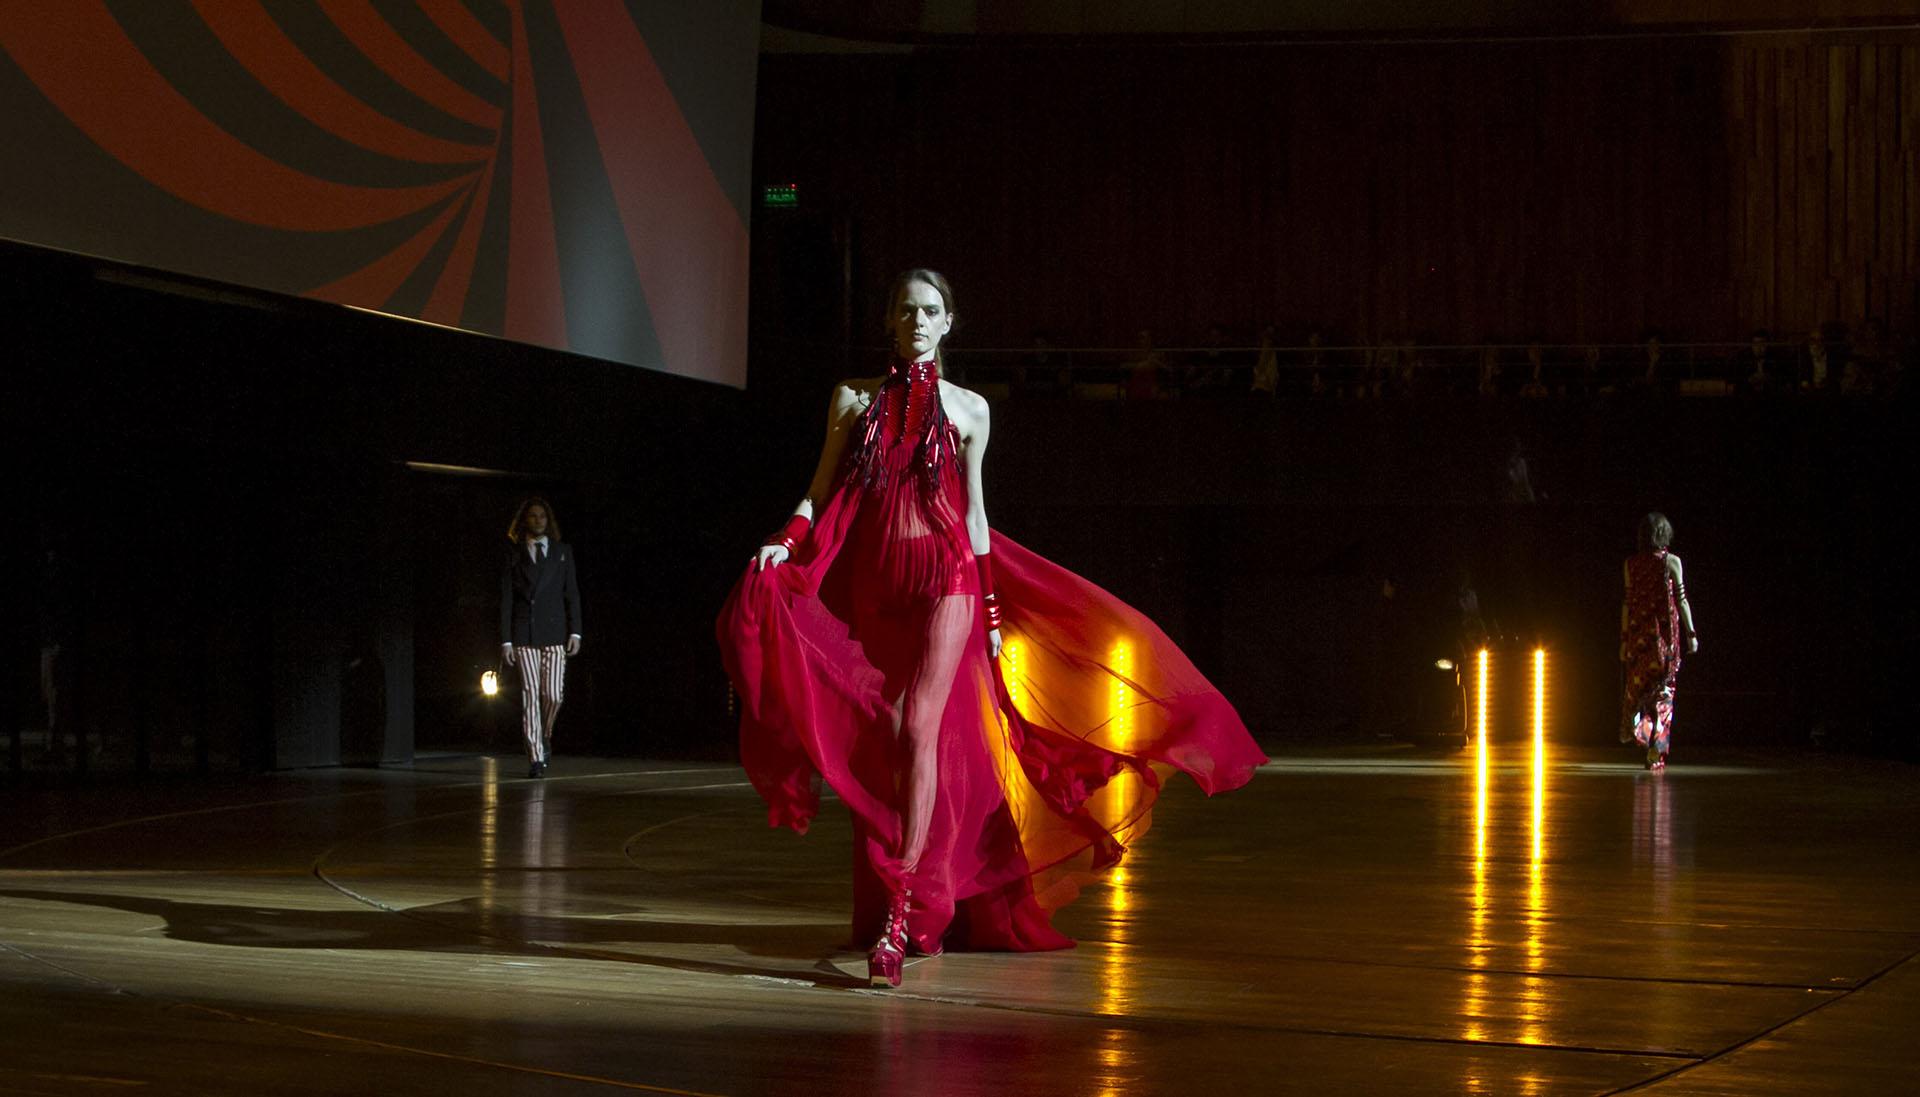 Colores intensos, texturas diversas y modelos clásicos abundan en los nuevos modelos presentados en el CCK por Jean Paul Gaultier